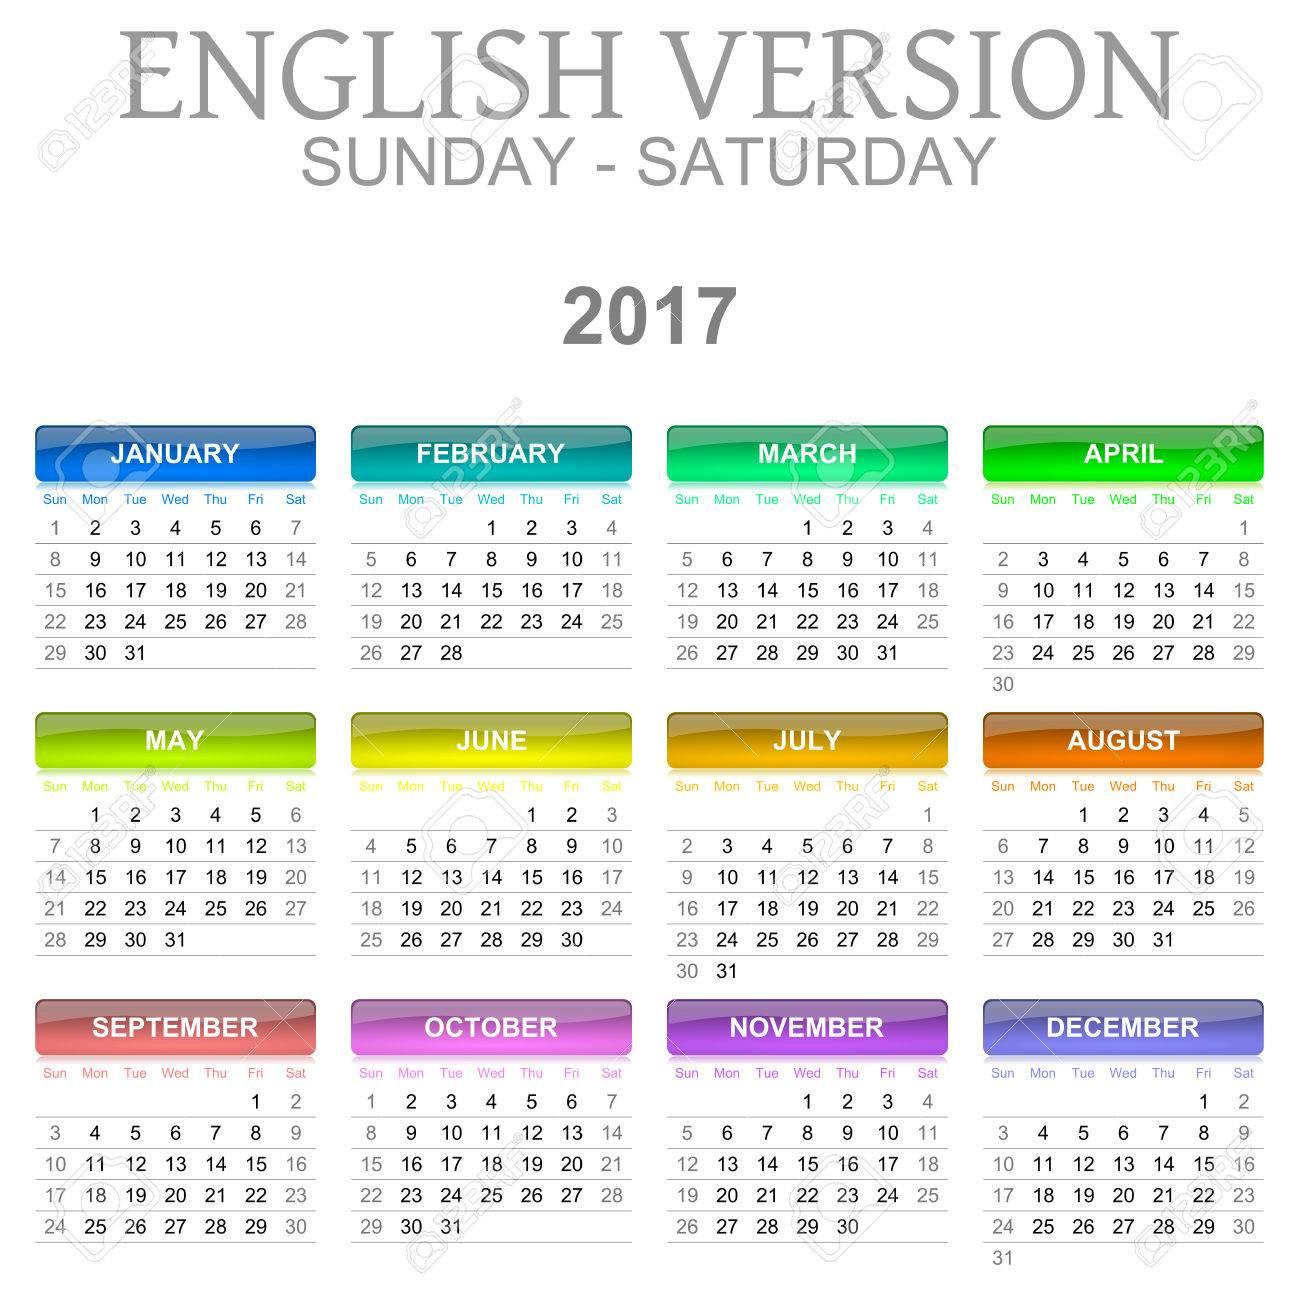 英語 バージョン